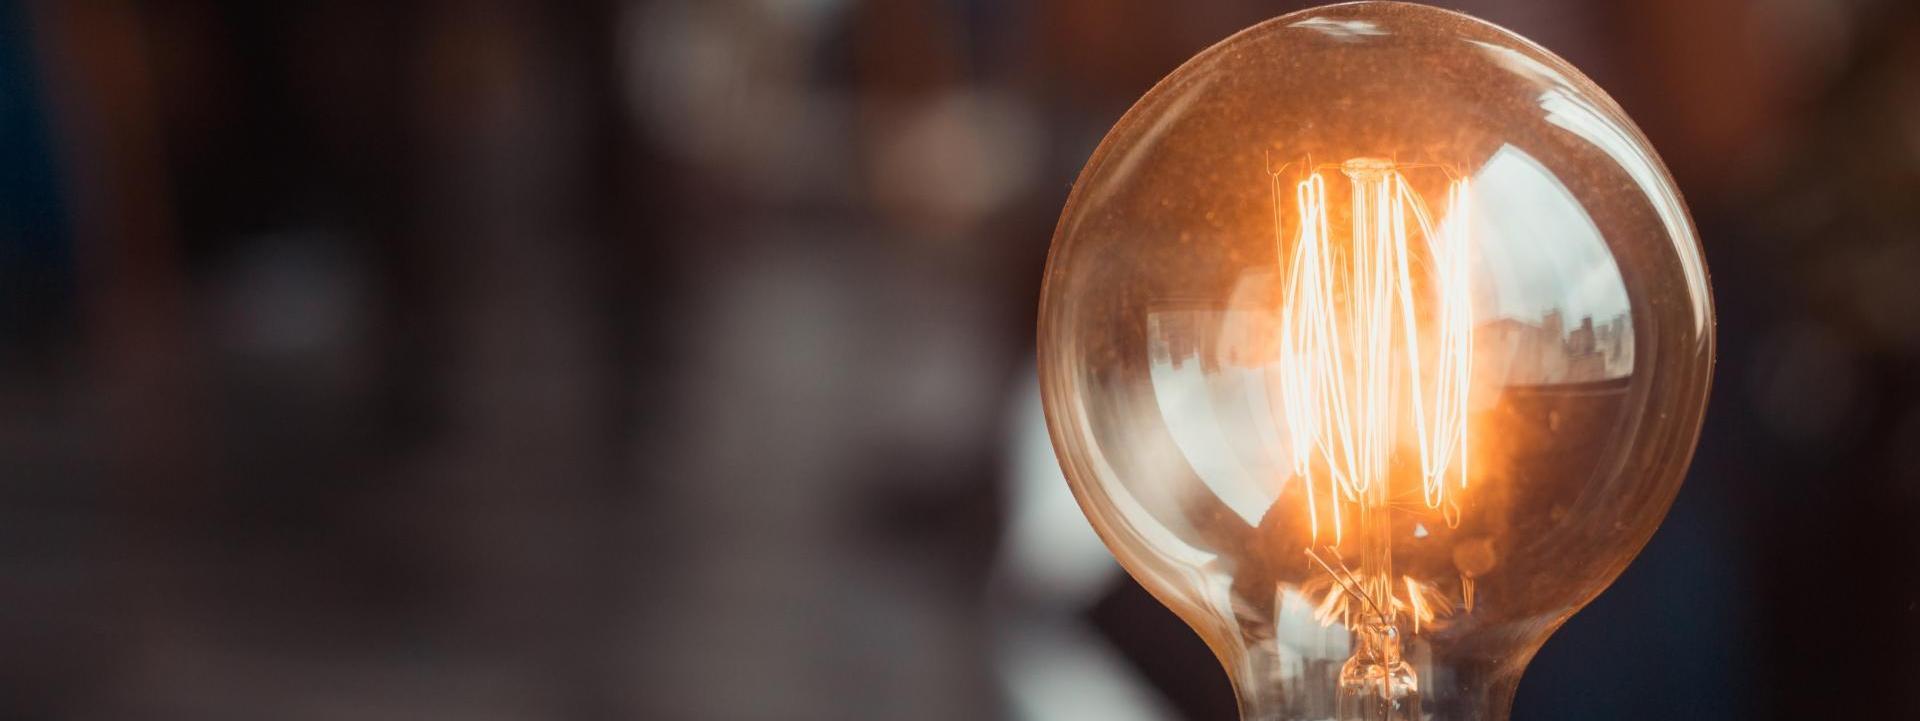 La subida del precio de la luz - Ahorro energético